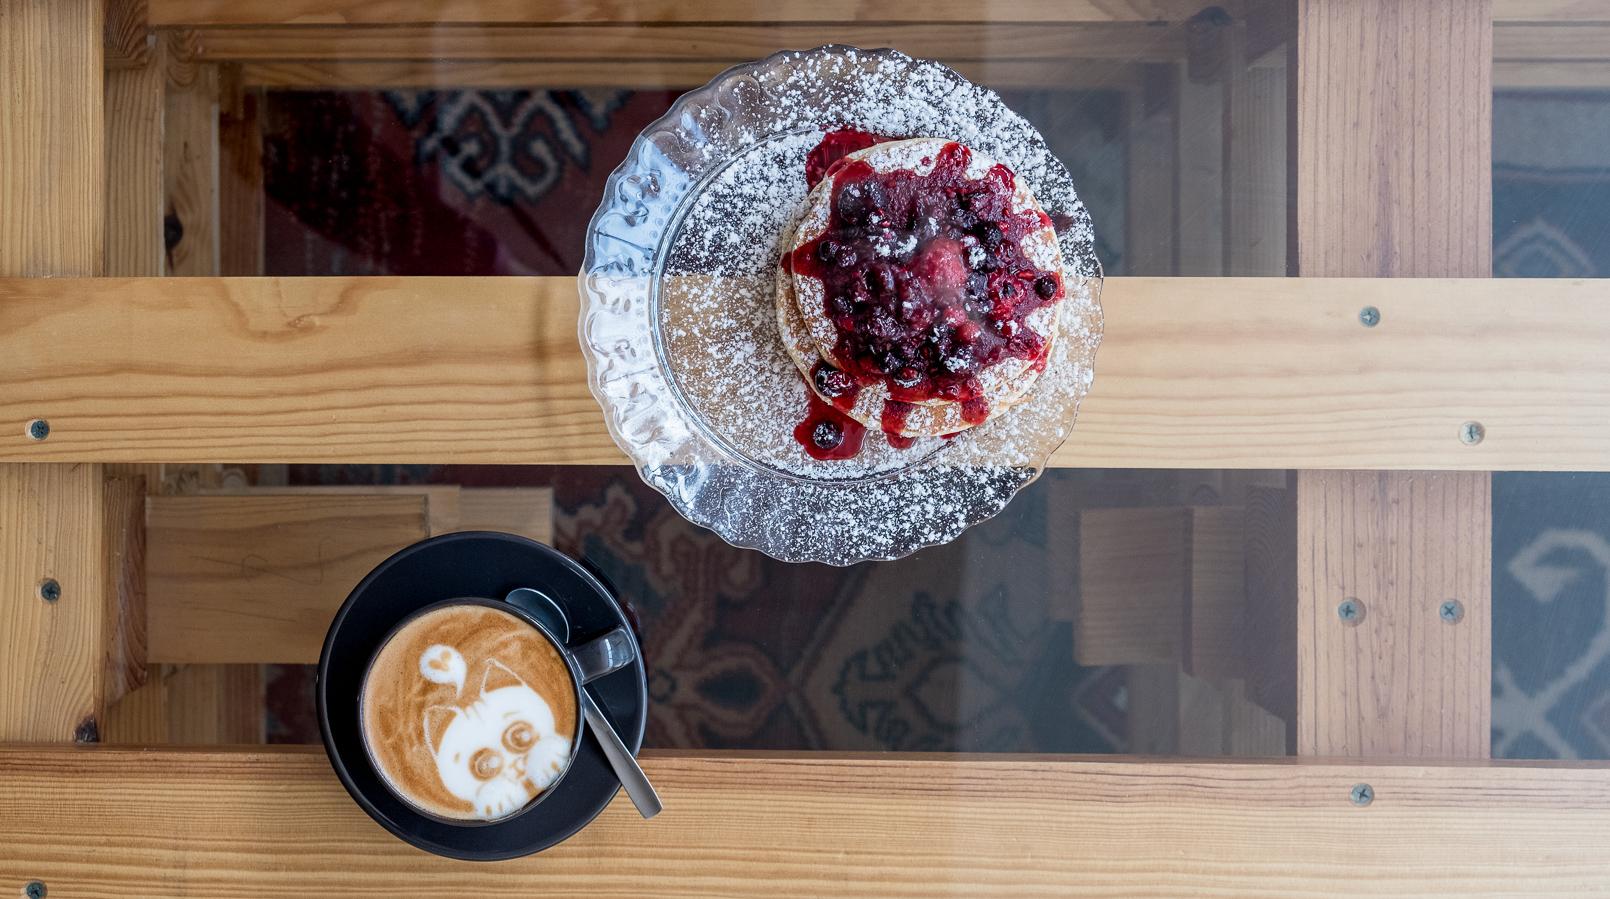 Le Fashionaire Cafés giros no Porto:  Apartamento cafe apartamento porto cappuccino desenho gatinho panquecas frutos vermelhos 7616F PT